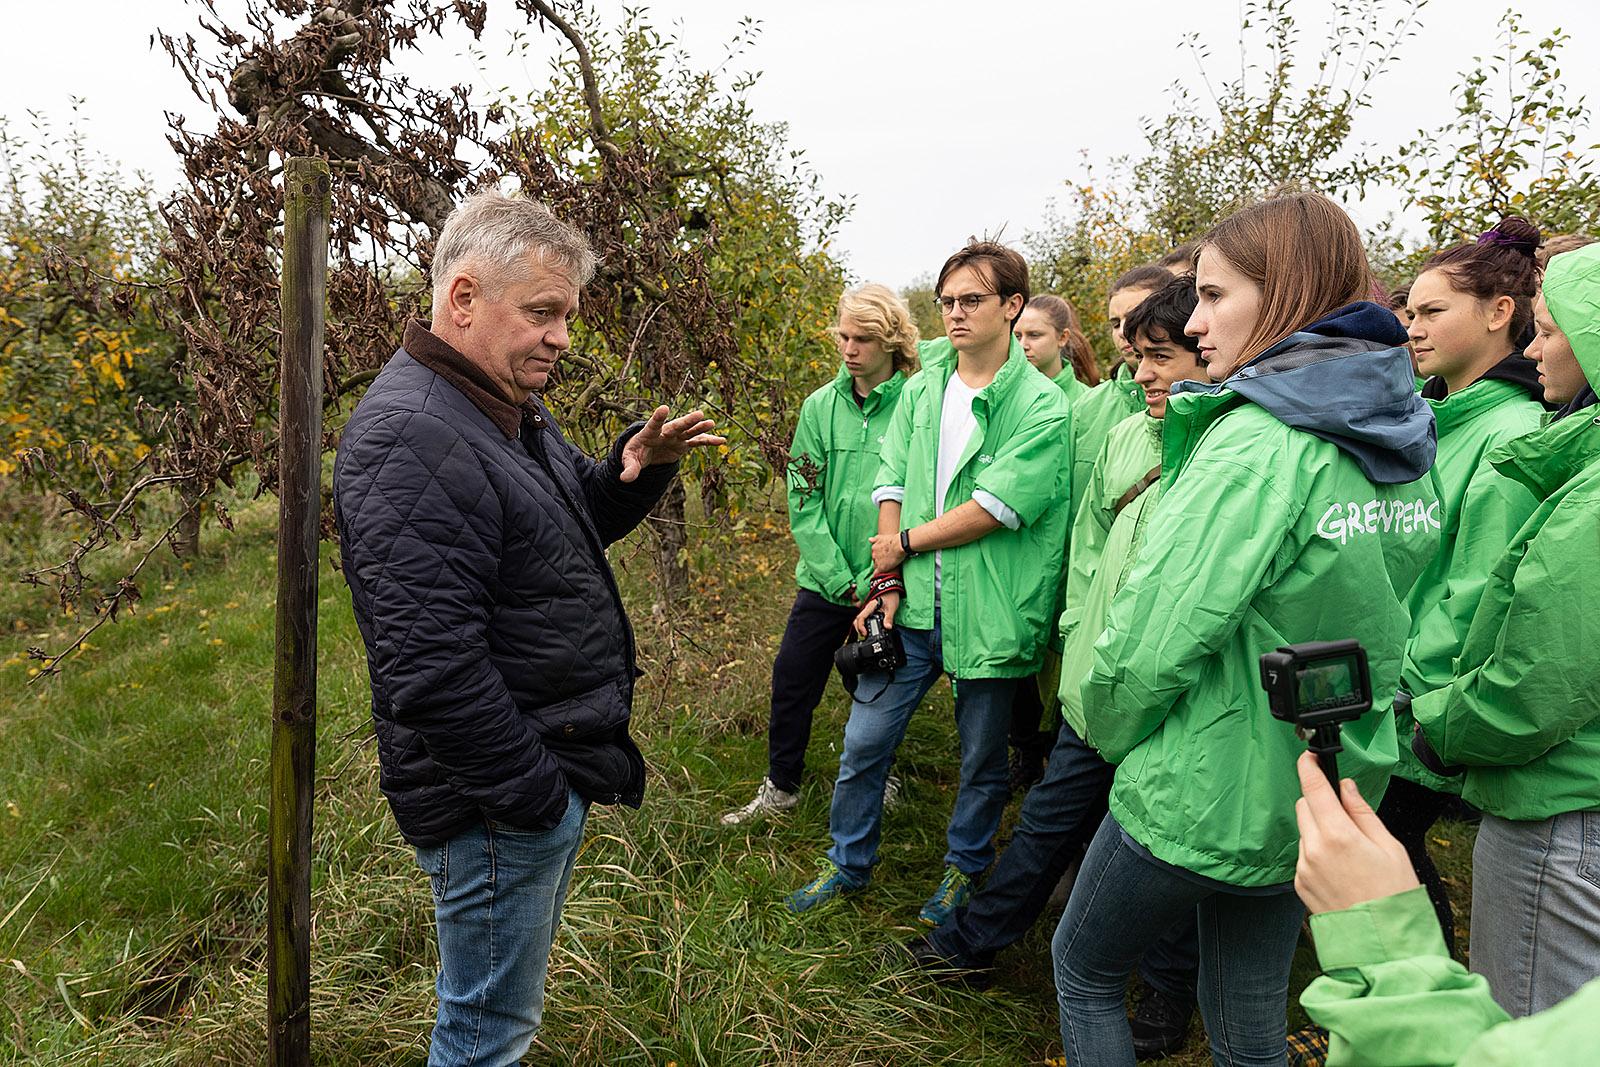 Greenpeace-Jugendliche im Gespräch mit dem Klimakläger Claus Blohm auf dem Bio-Obsthof der Familie im Alten Land bei Hamburg. Familie Blohm ist direkt von der Erderwärmung betroffen und hat mit zwei weiteren Familien und Greenpeace e.V. eine Klage gegen die Bundesregierung eingereicht. 2019